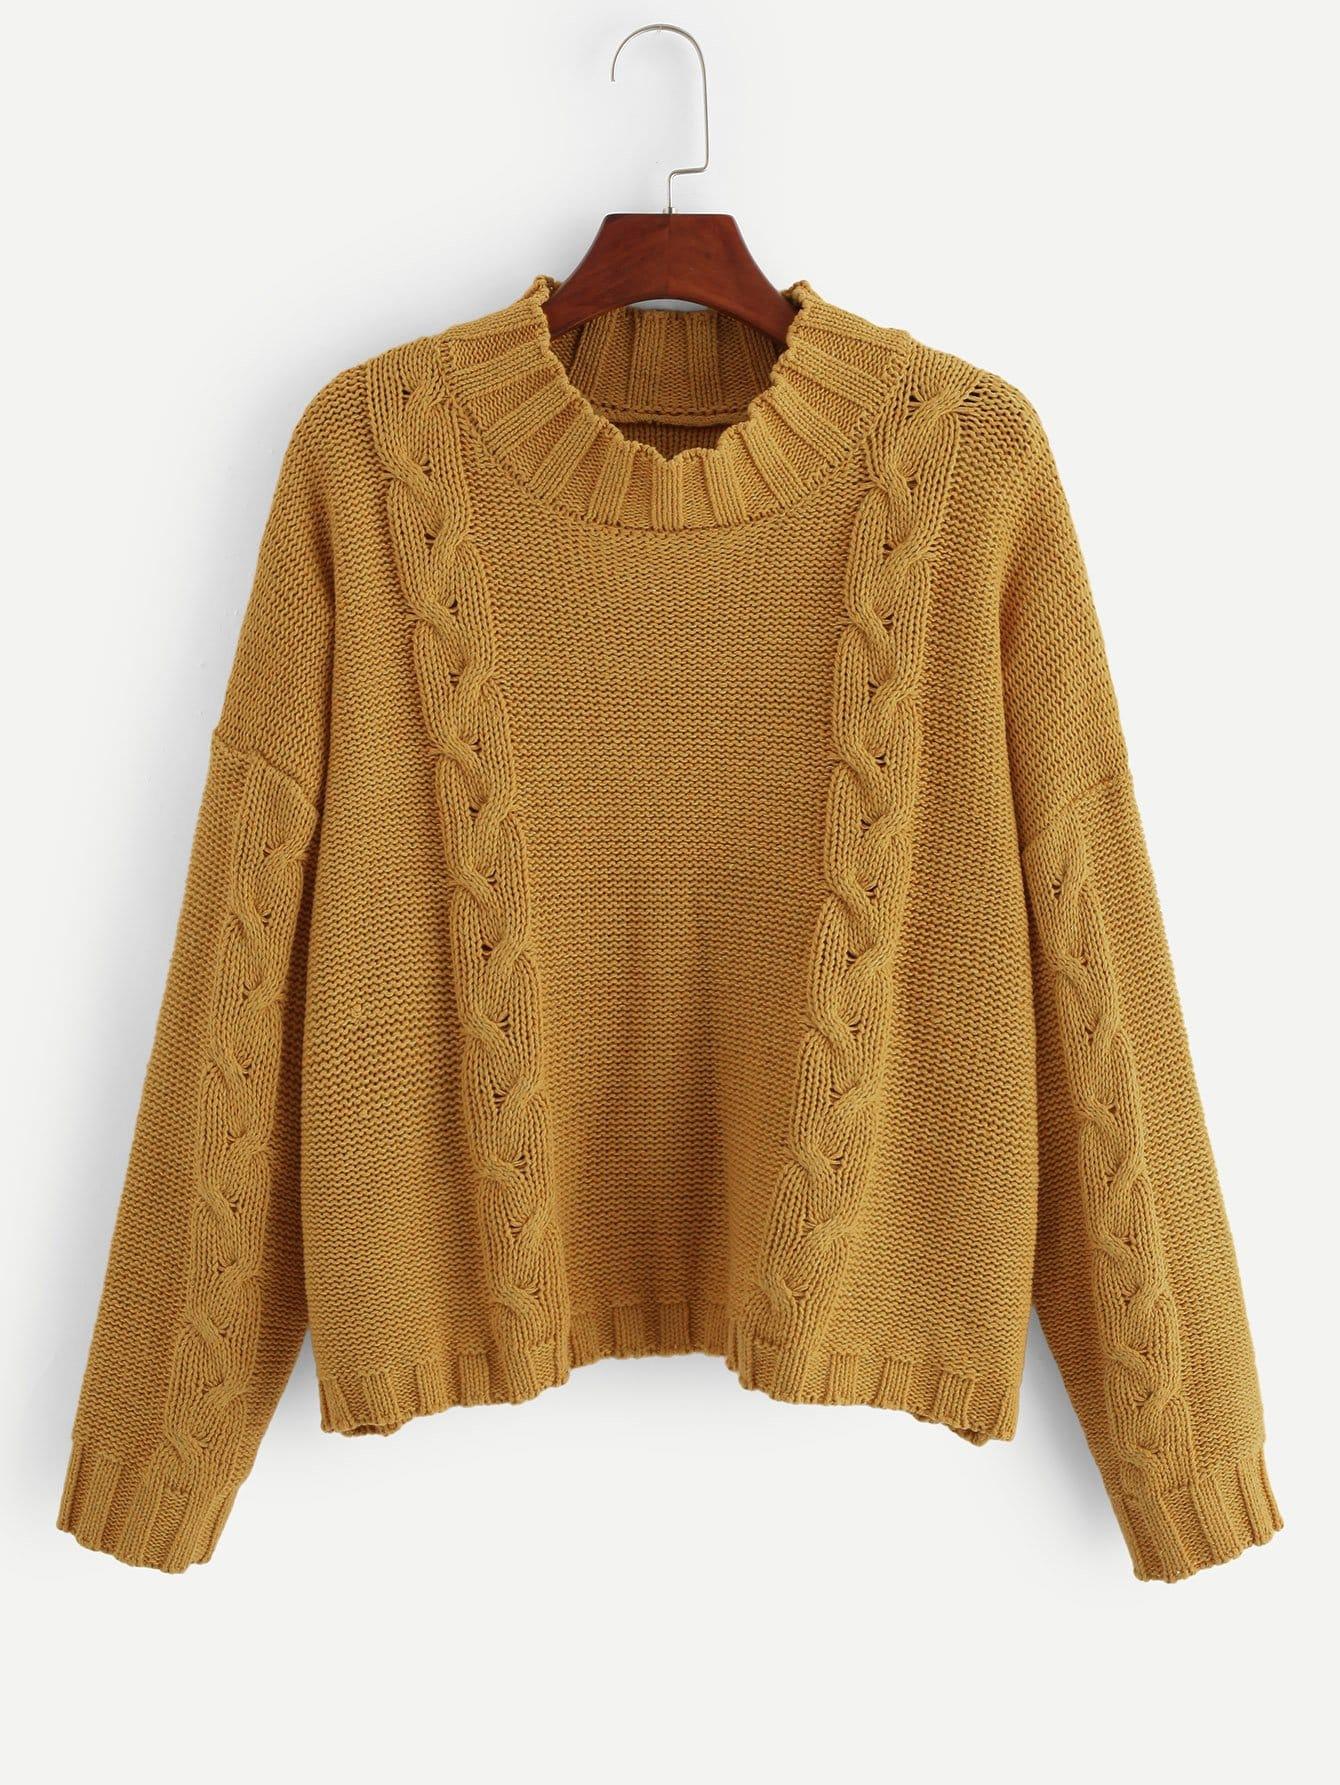 Фото - Плюс размеры вязанный свитер с звниженной линией плеч от SheIn цвет жёлтые